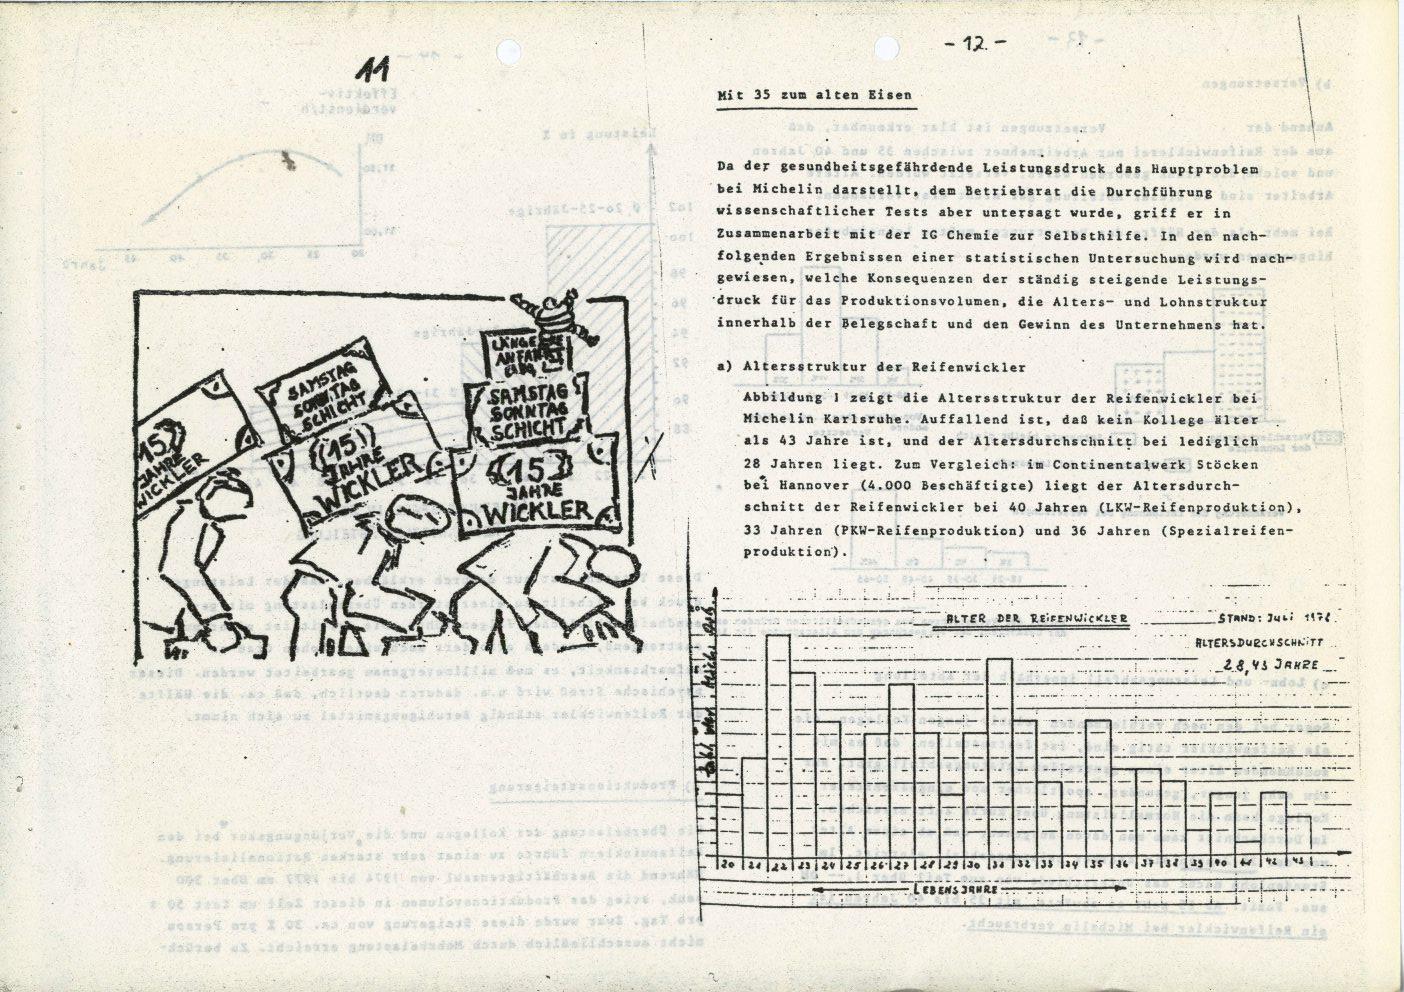 Karlsruhe_Michelin_IGCPK_Doku_zum_Arbeitskonflikt_1978_06